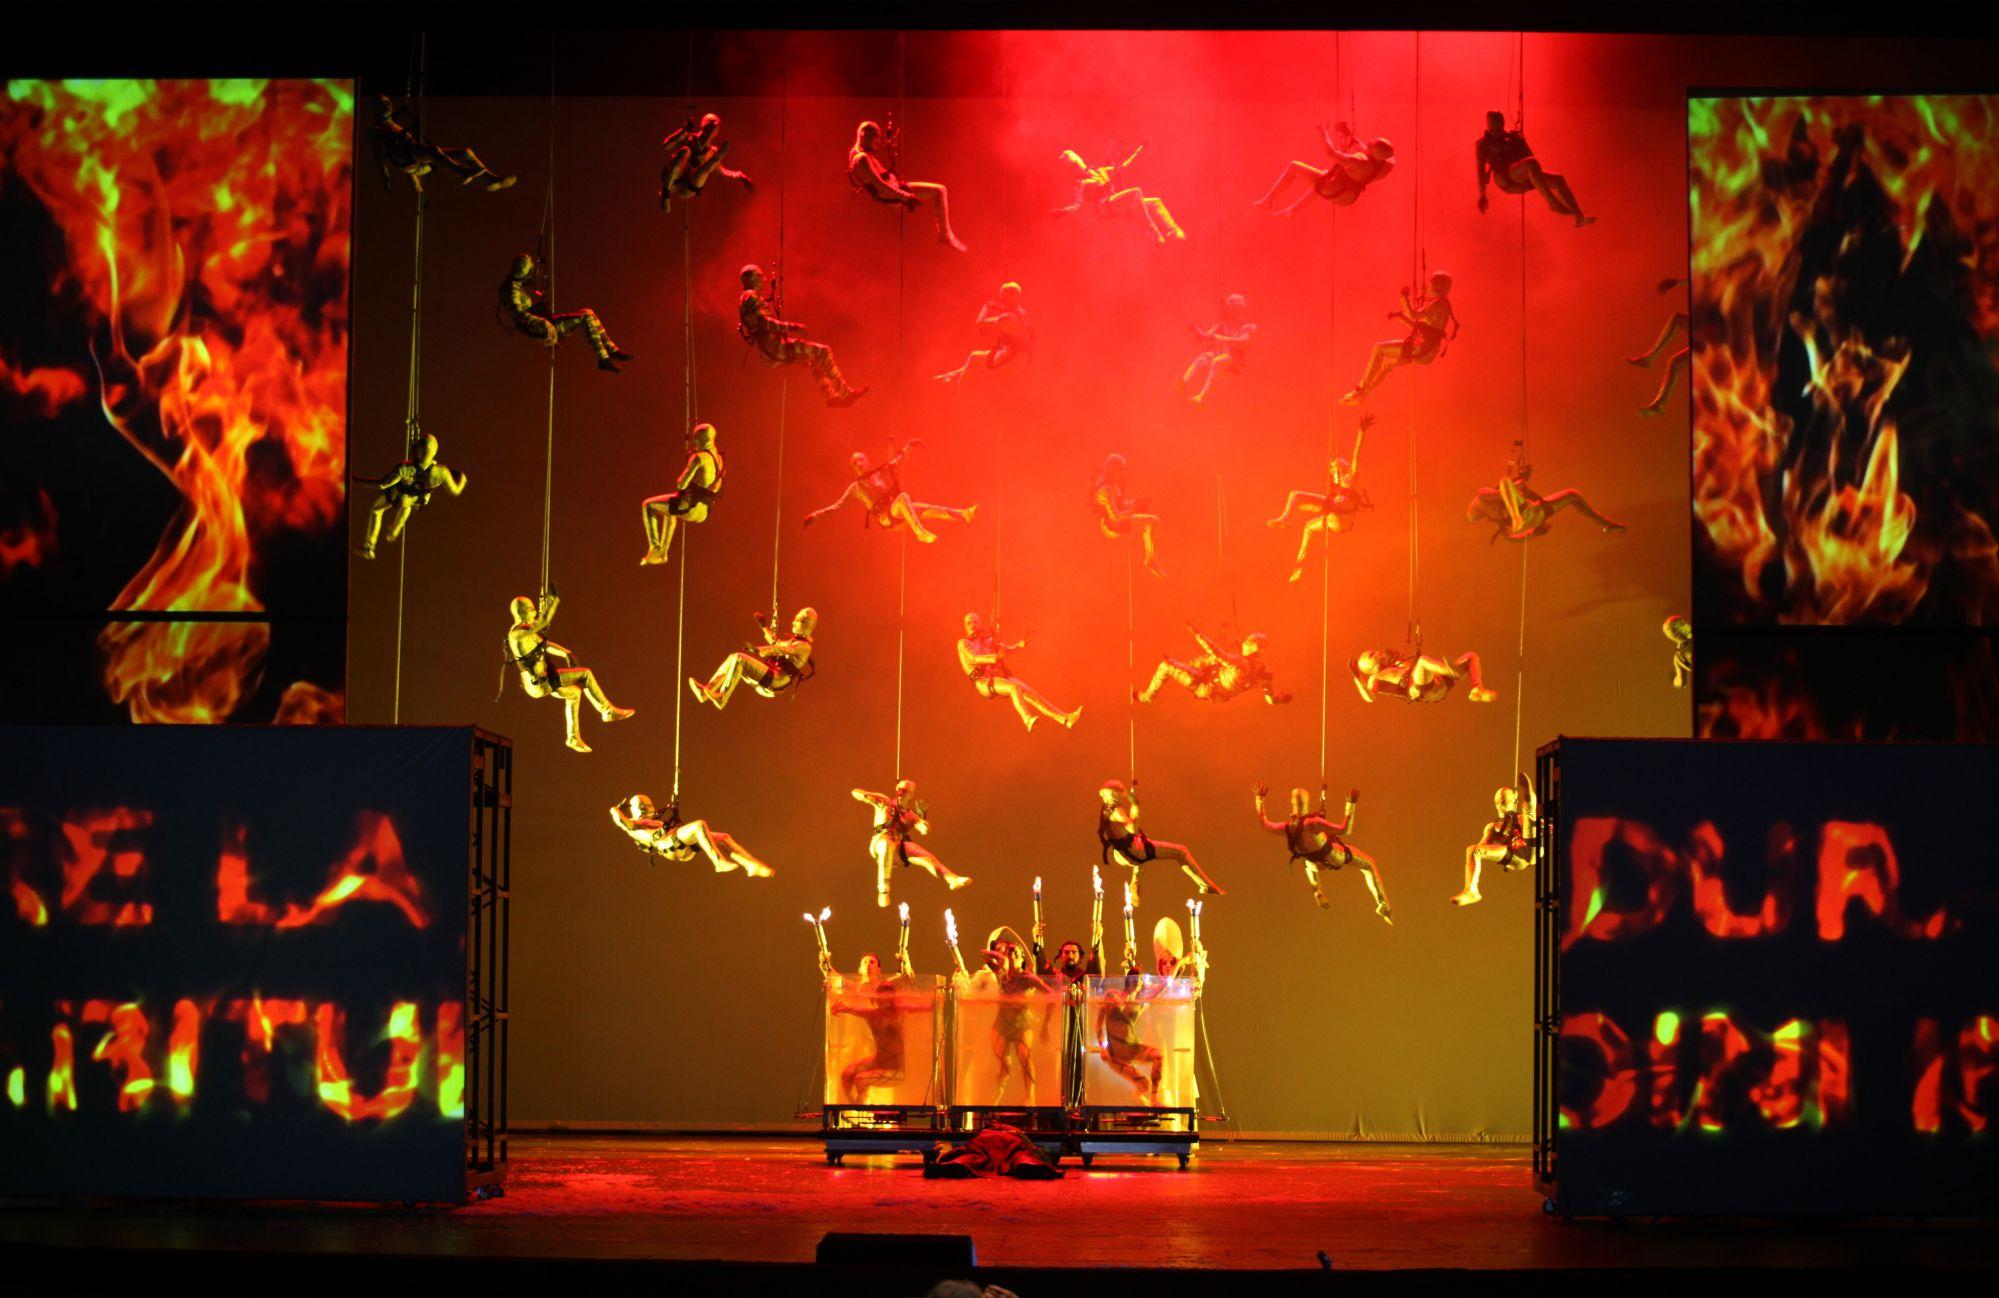 華格納歌劇《諸神黃昏》©Eva Ripoll